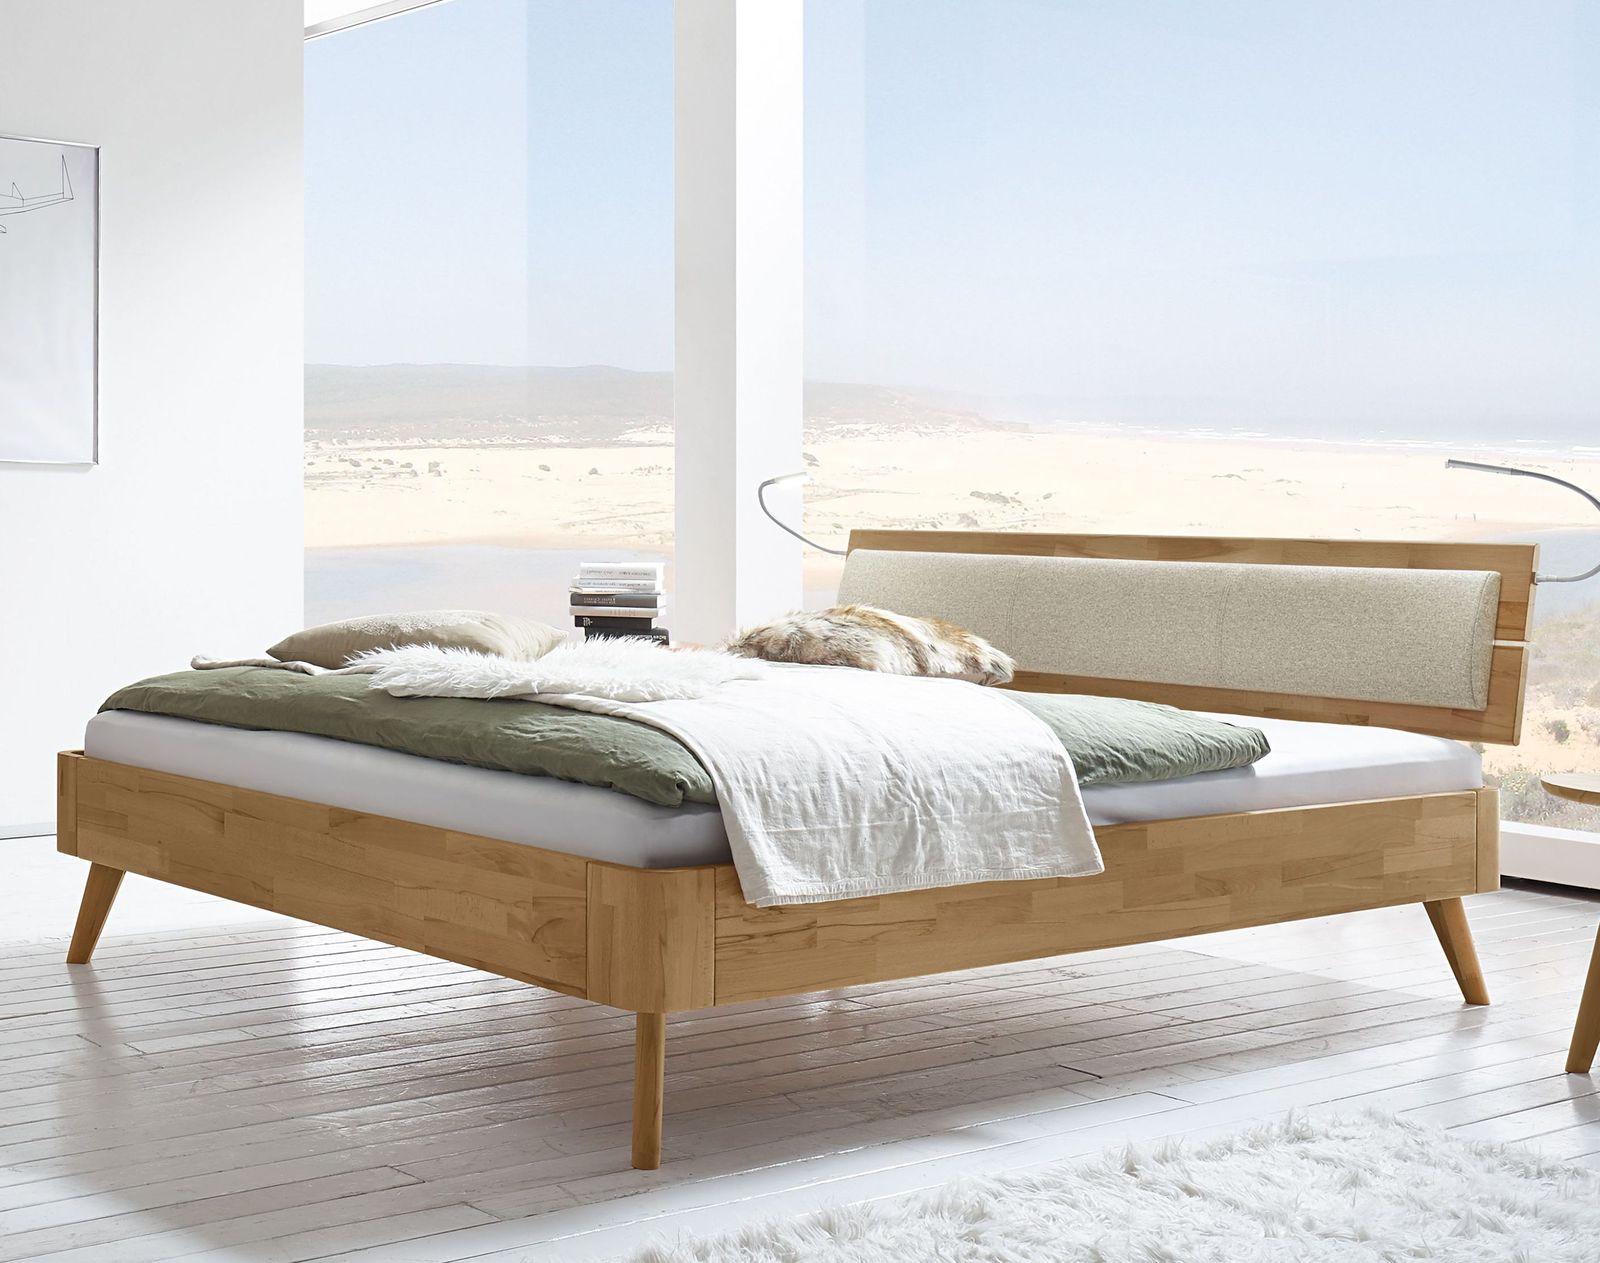 Retro-Bett modern aus Kernbuche mit ausgestellten Füßen - Minoa